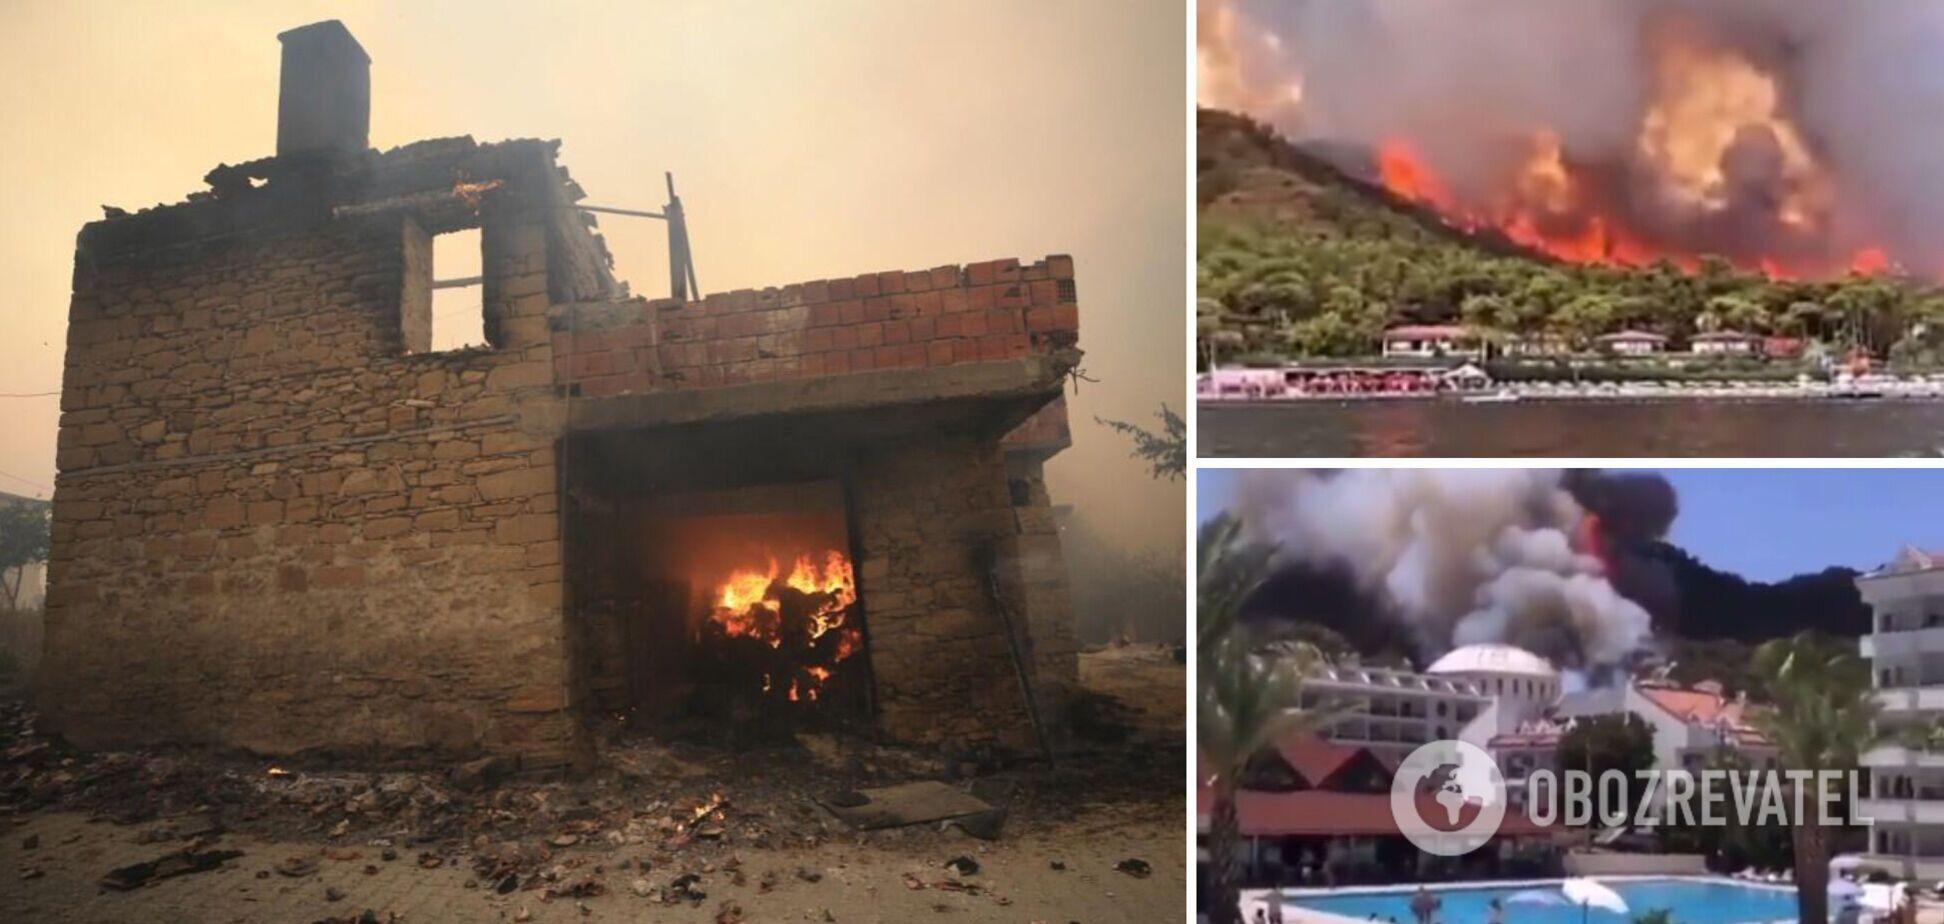 В Турции лесные пожары подошли вплотную к отелям: количество погибших возросло. Фото и видео